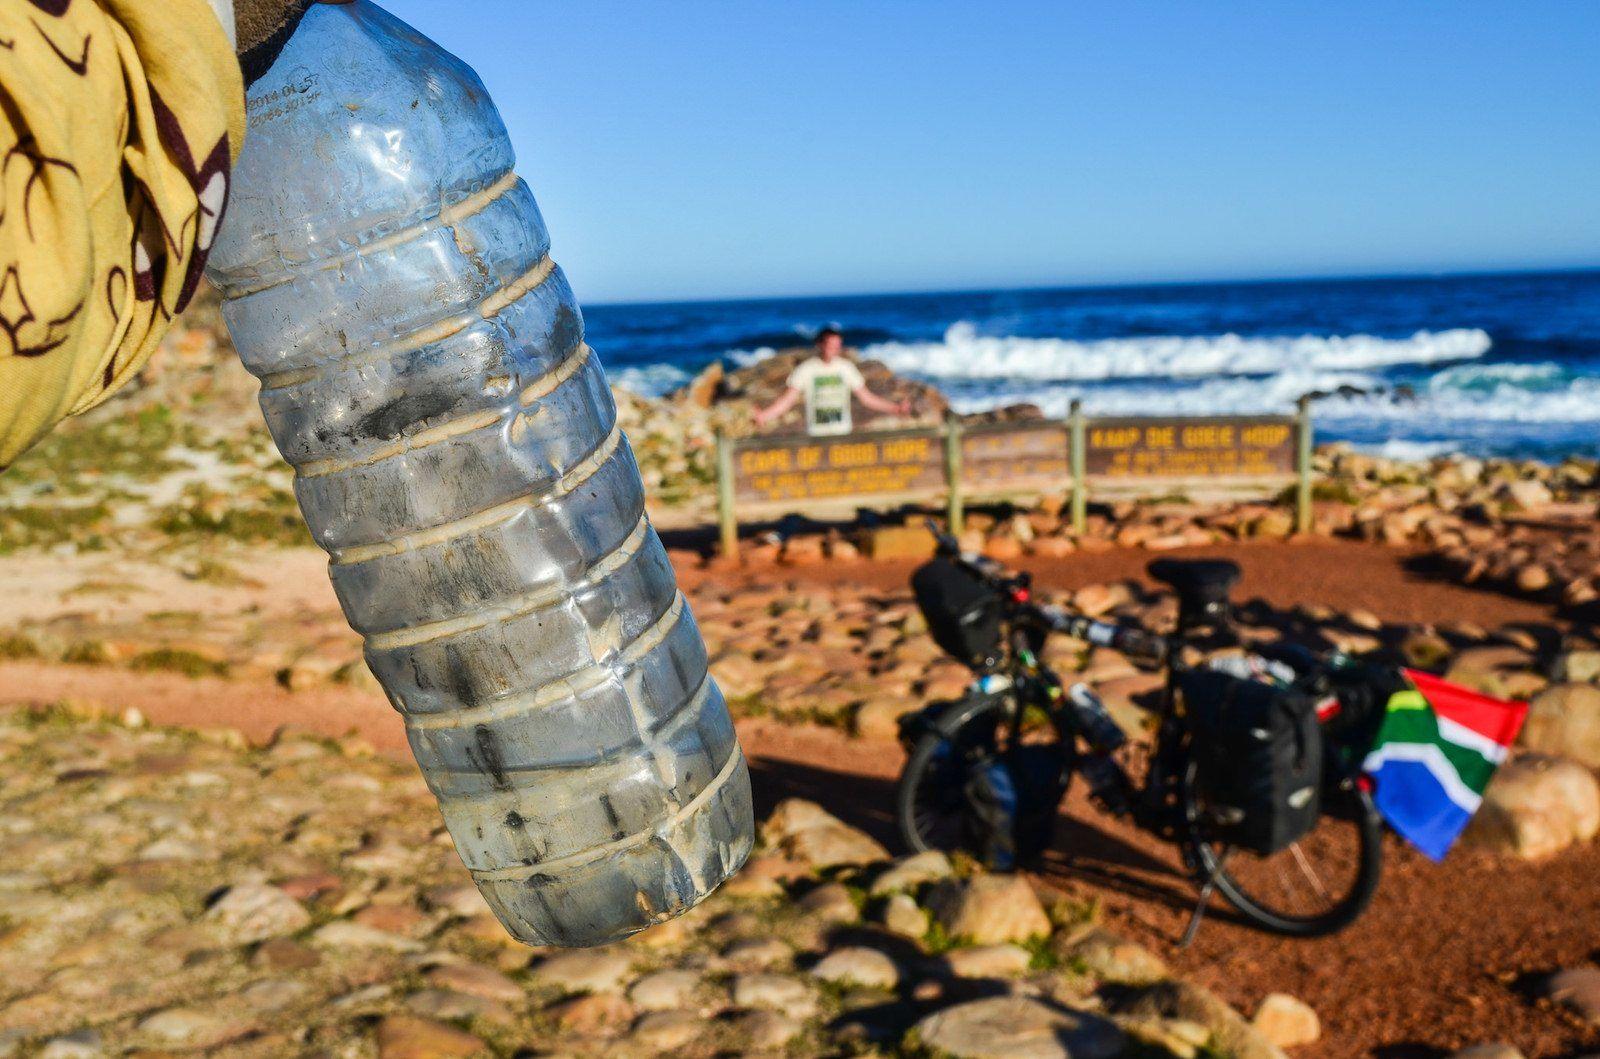 Snart vil innbyggerne i Cape Town bare få 25 liter vann om dagen. (Foto: Flickr/CC)